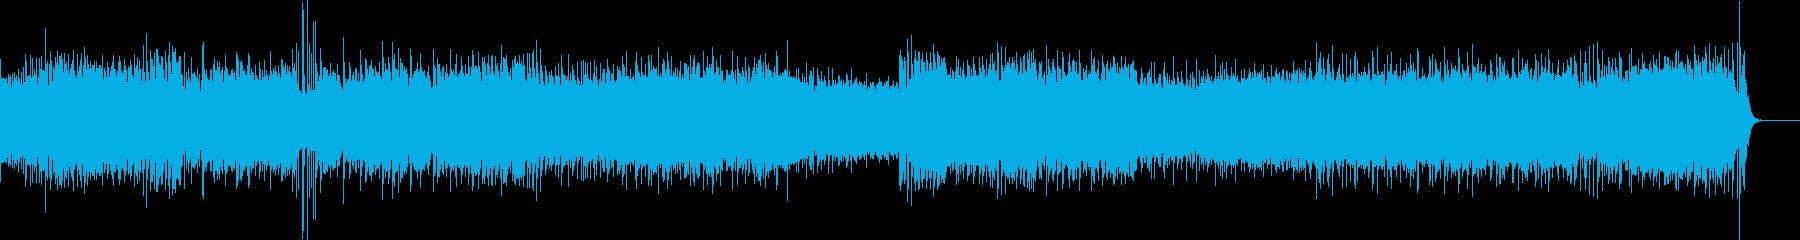 躍動感のあるOP映像のためのBGMの再生済みの波形